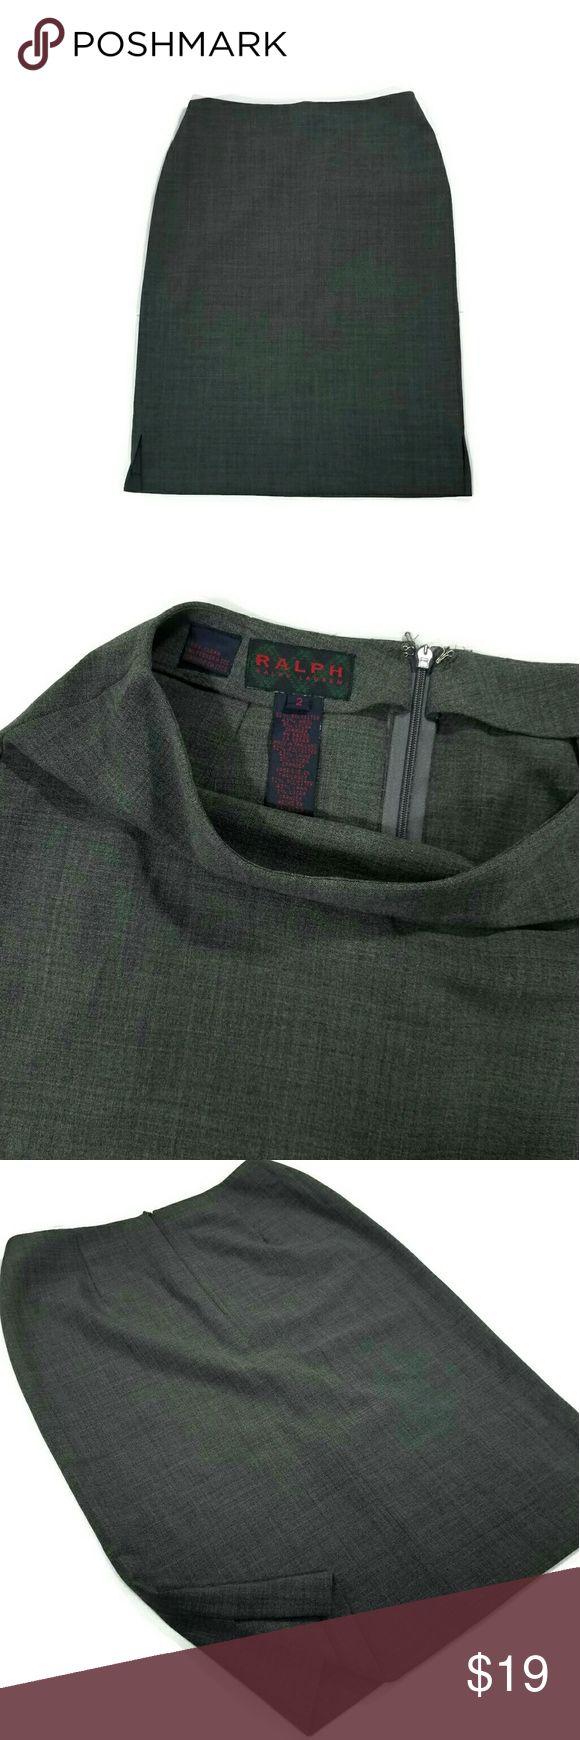 """Ralph by Ralph Lauren skirt Great condition. Size 2. 52% polyester, 43% wool, 5% lycra spandex.   Waist 26"""". Length top to bottom 22"""". Ralph Lauren Skirts"""